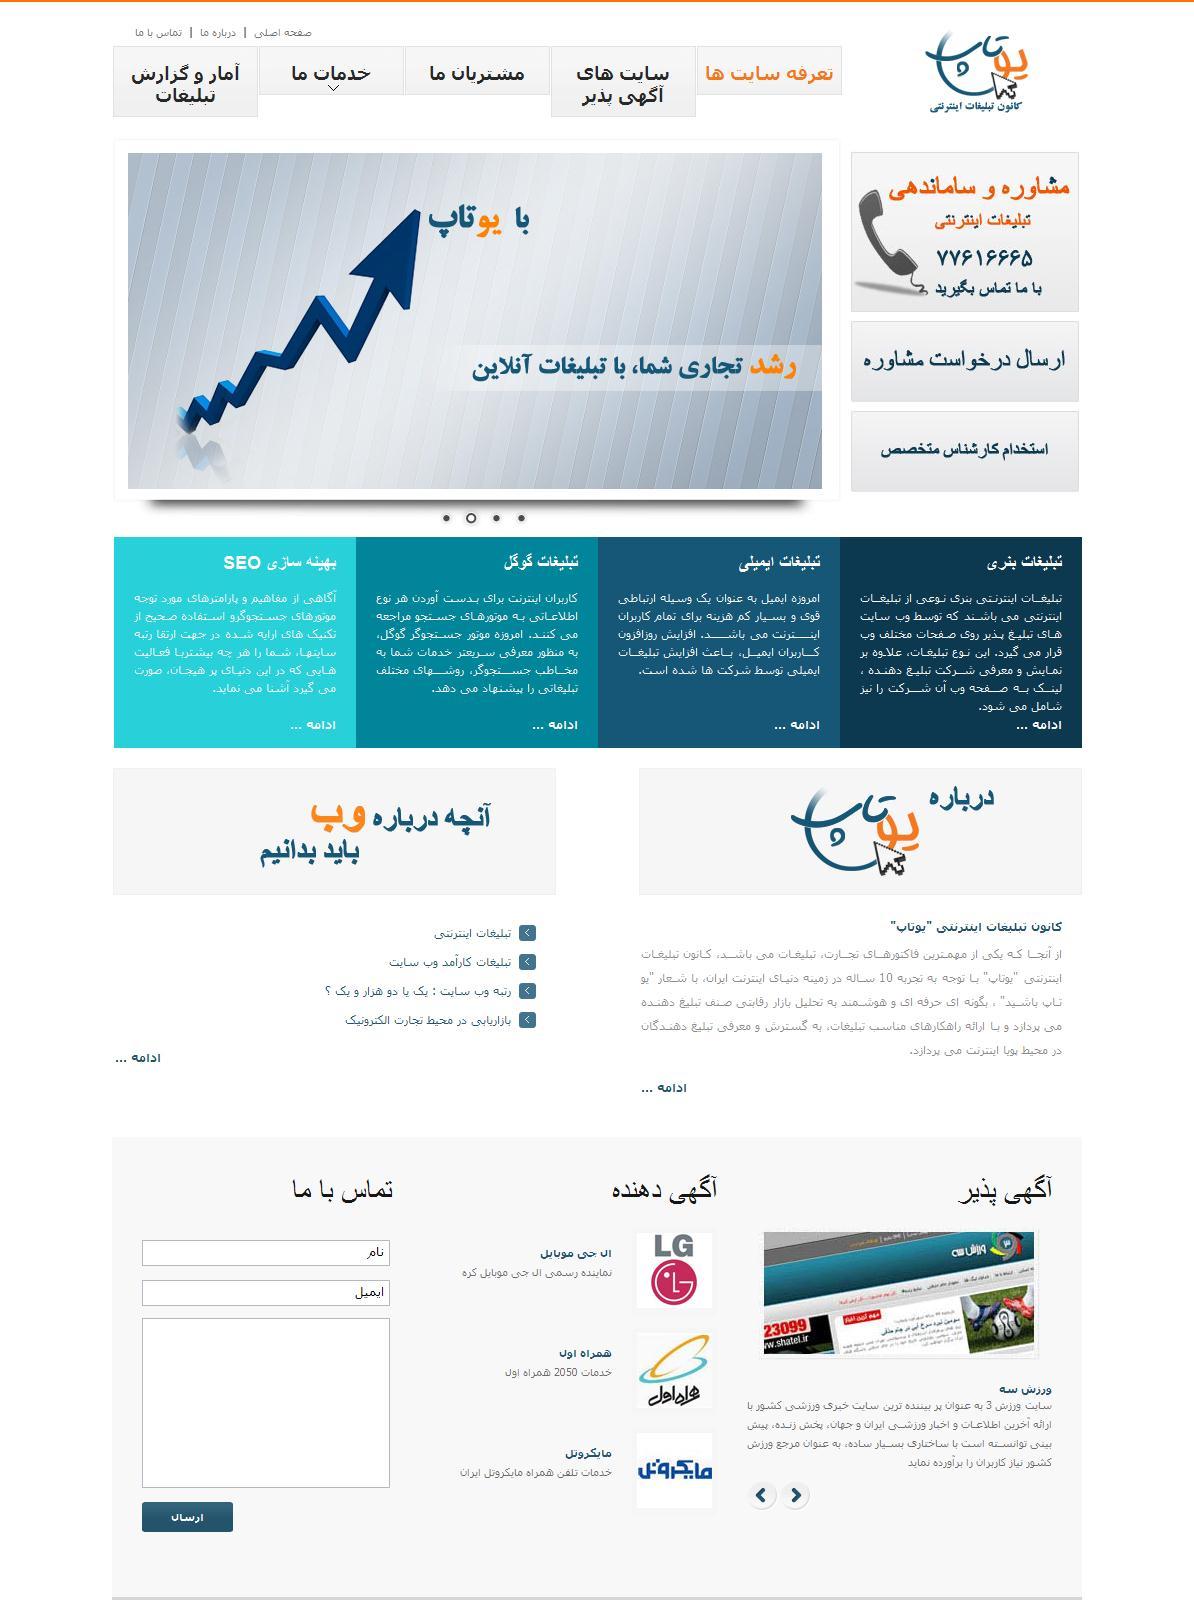 تبلیغات اینترنتی - مشاوره و مدیریت تبلیغات